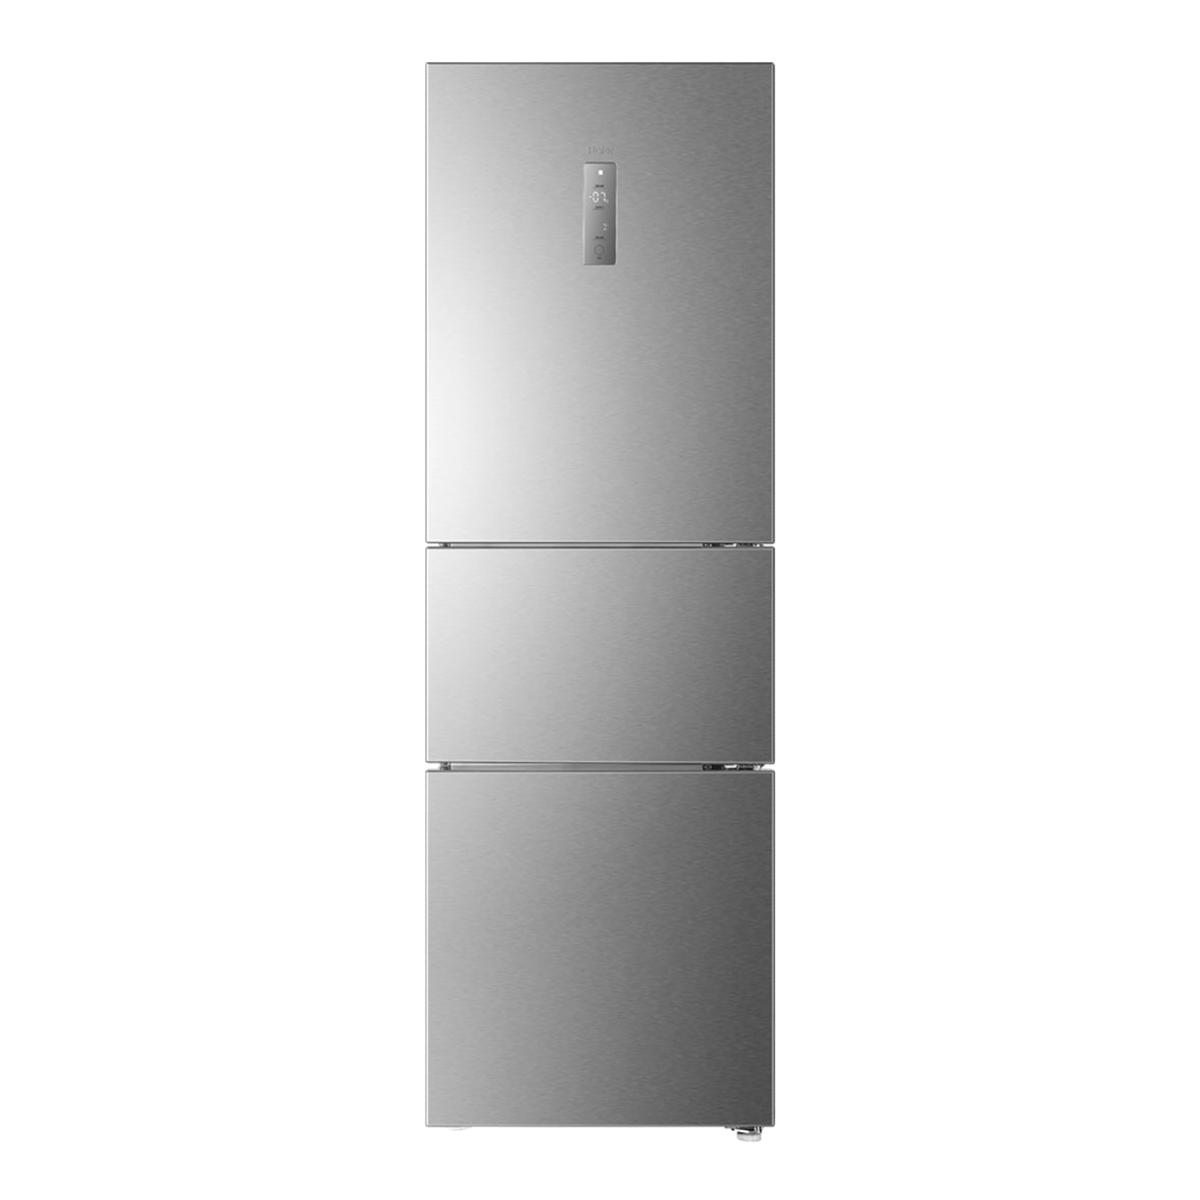 海尔Haier冰箱 BCD-252WDBB 说明书